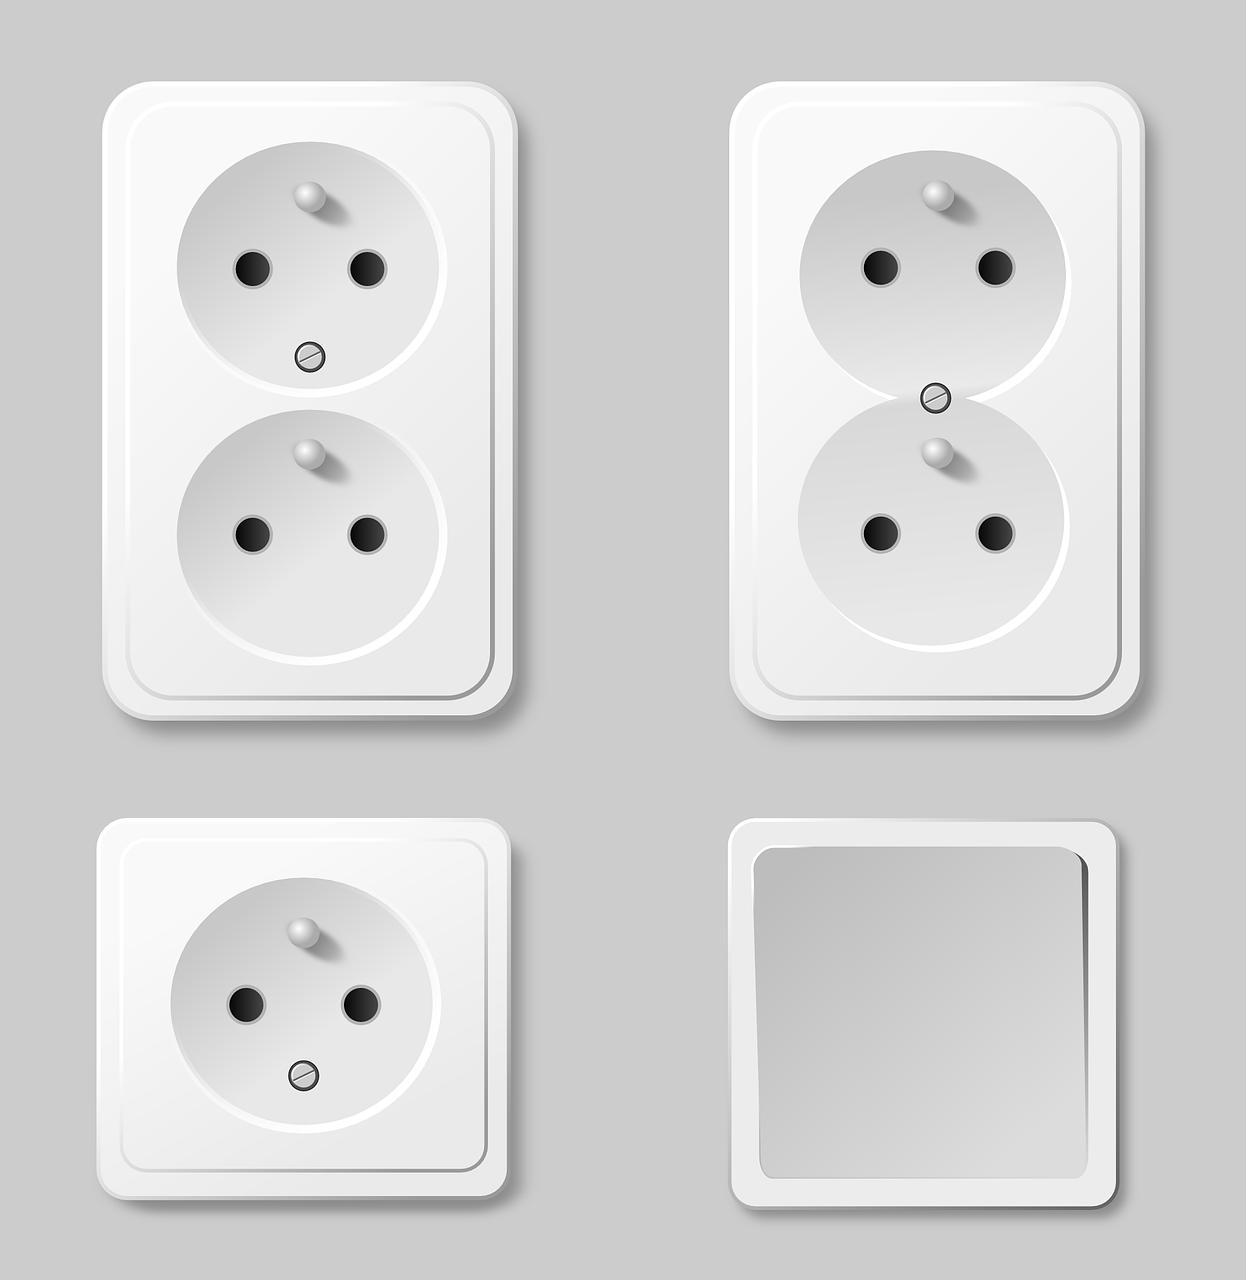 Brak prądu w części gniazd elektrycznych, do weryfikacji